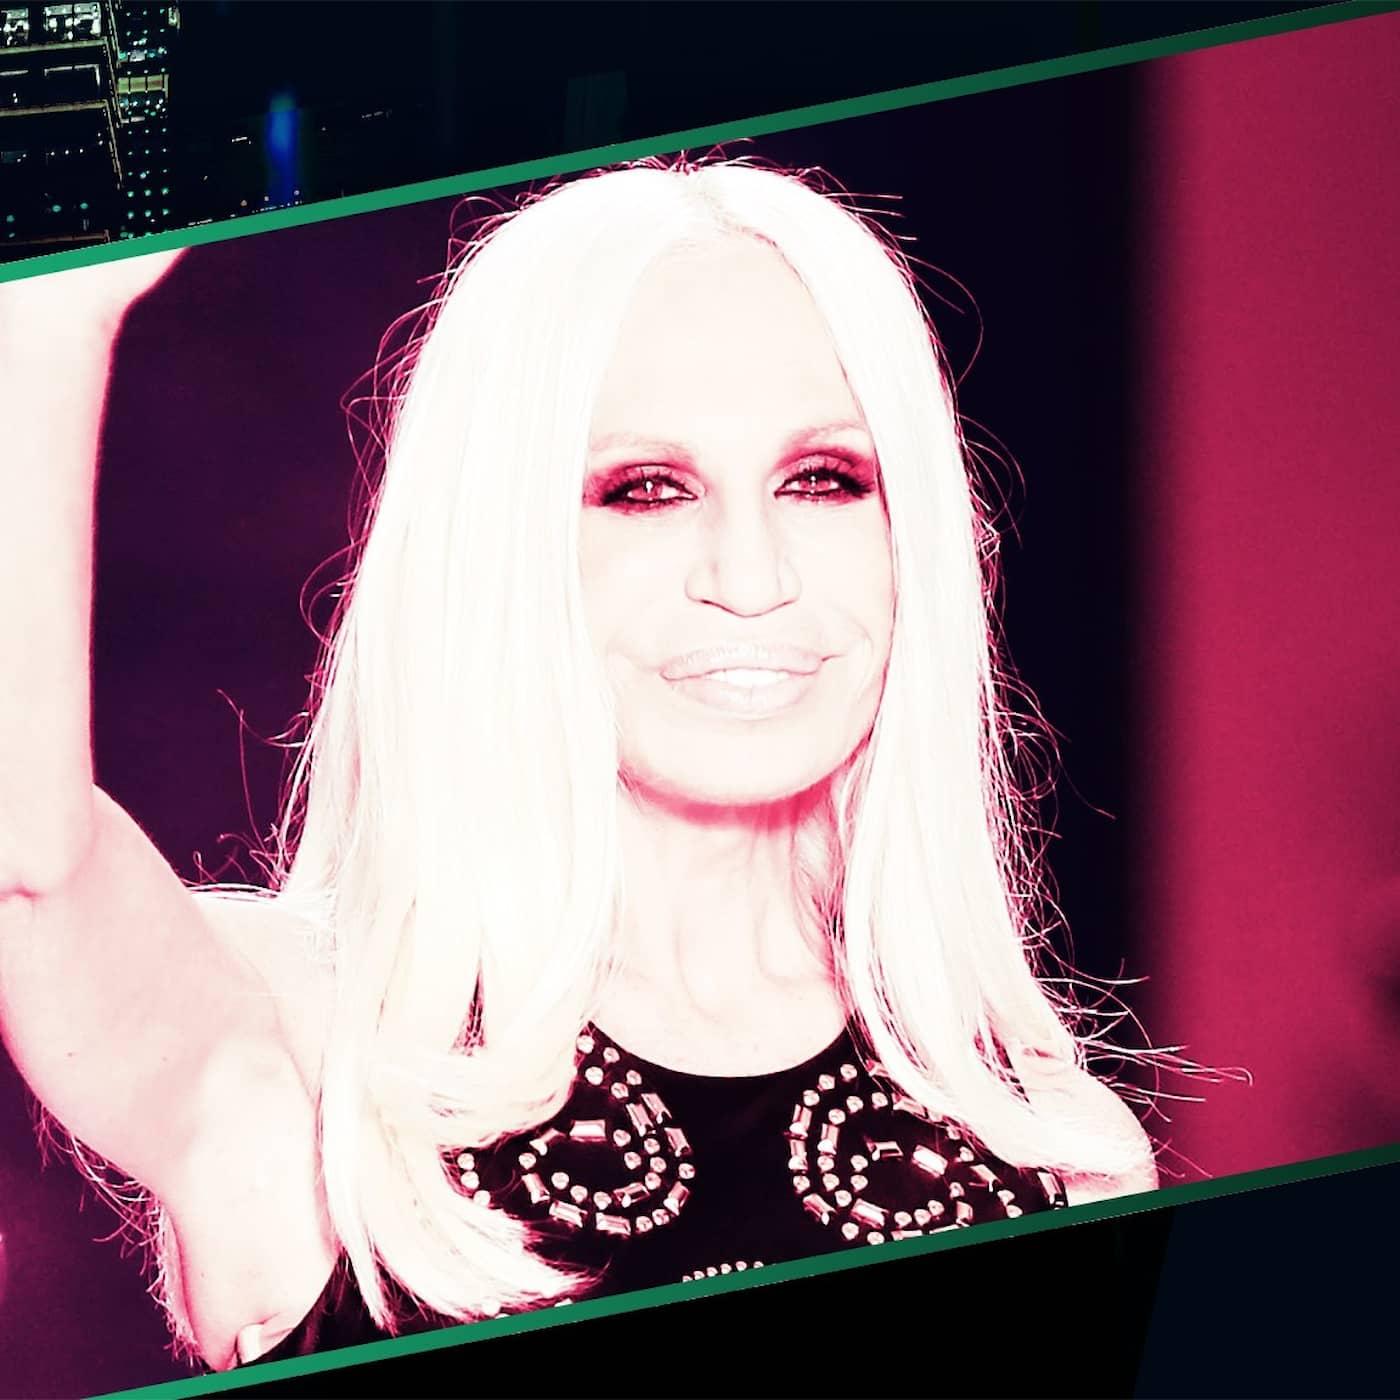 Donatella Versace – Kläder, kokain och mord